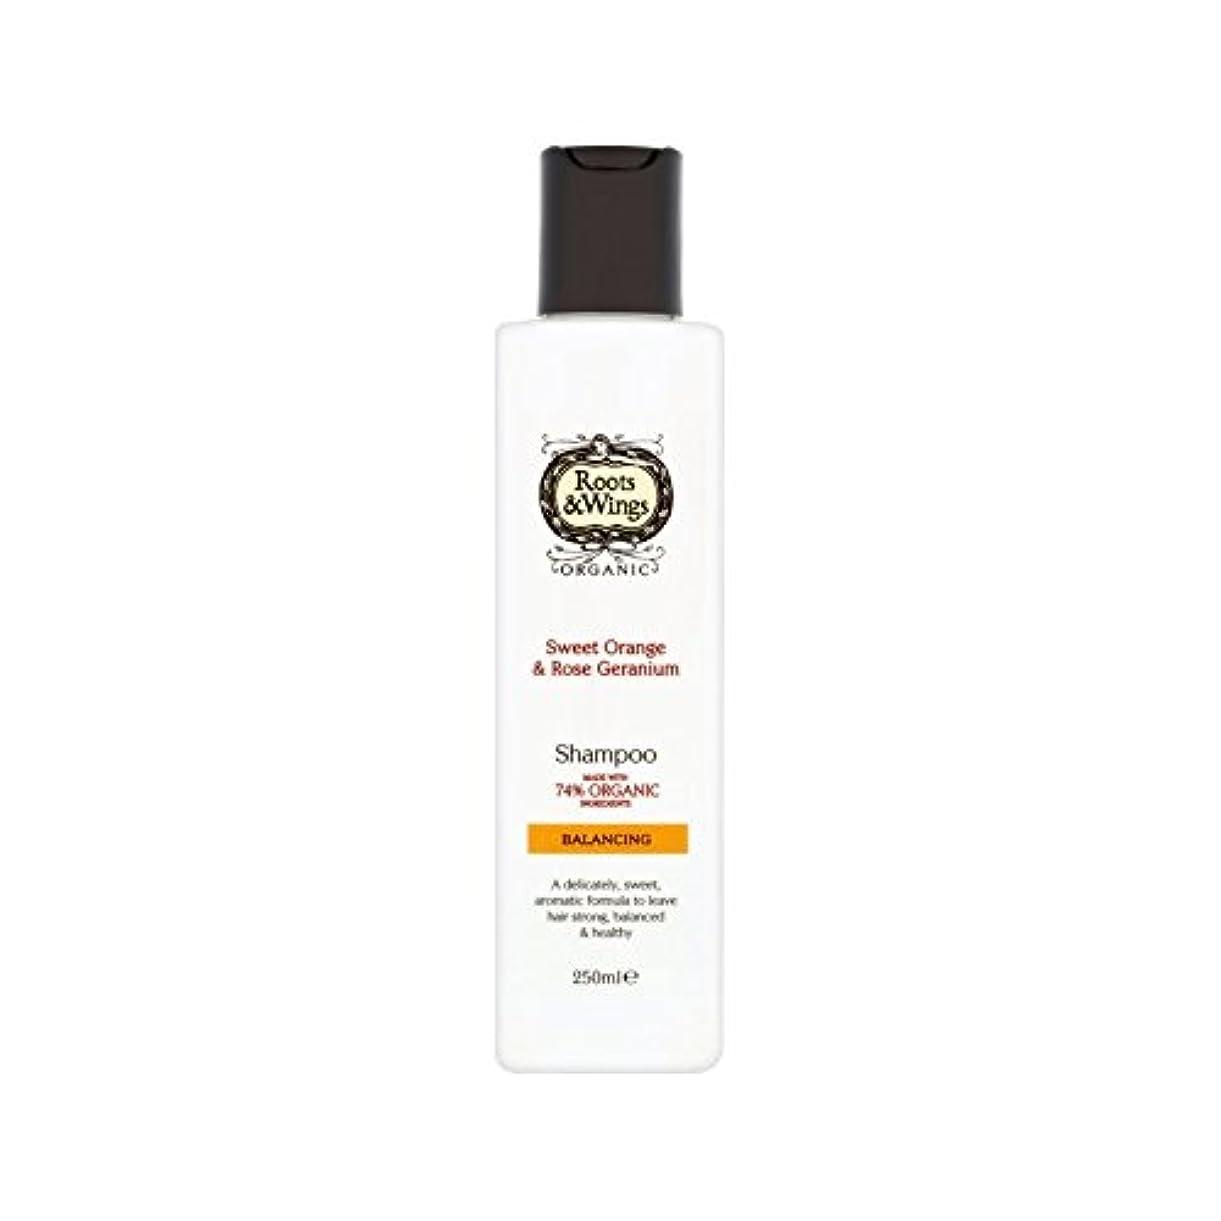 スツールパン咲くスイートオレンジ&ゼラニウムのシャンプー250ミリリットルをバラ (Roots & Wings) - Roots & Wings Sweet Orange & Rose Geranium Shampoo 250ml [並行輸入品]